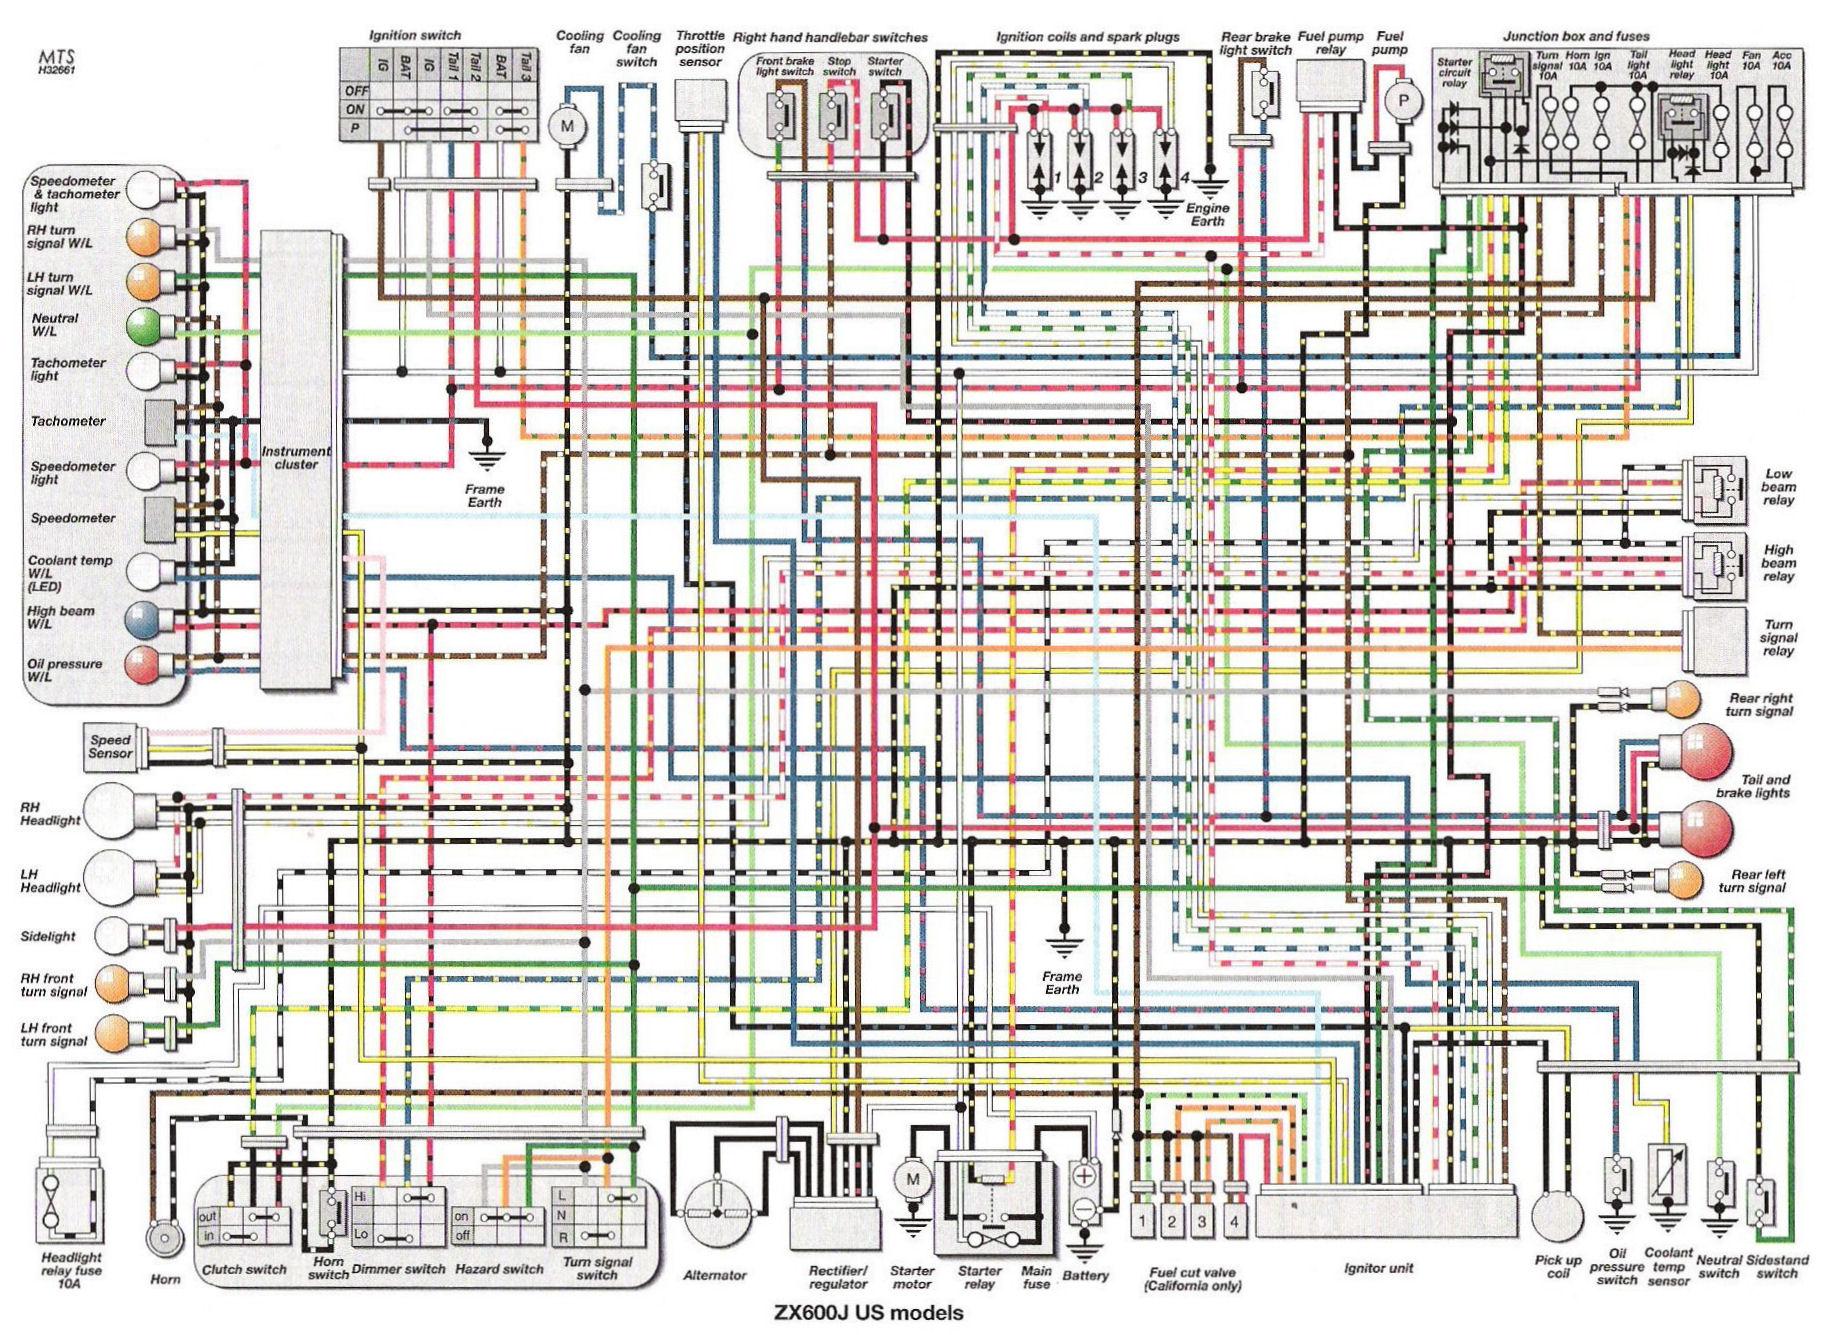 2005 suzuki gsxr 600 wiring diagram wiring diagram gsxr 750 wiring diagram 1988 2005 gsxr 600 wiring diagram #1